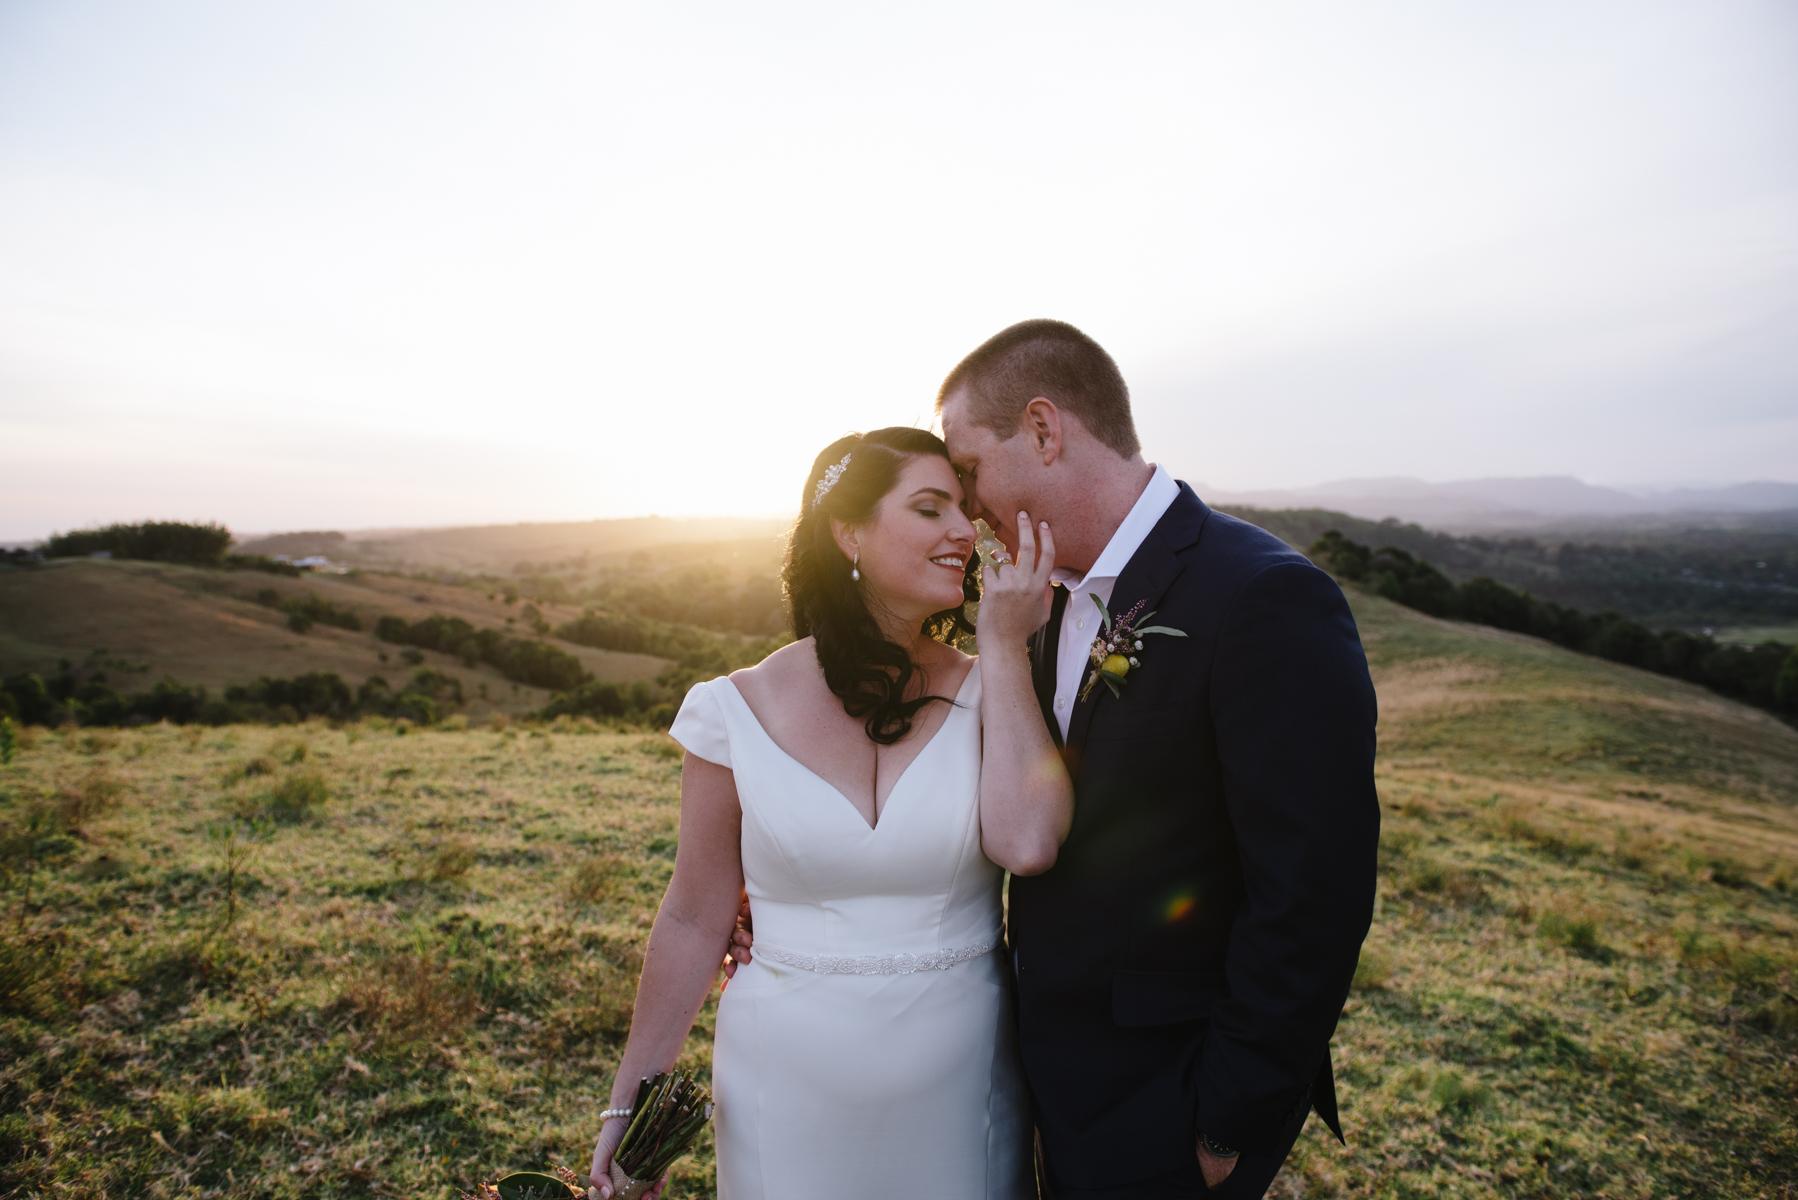 sarahandBenwedding- skyla sage photography weddings, families, byron bay,tweed coast,kingscliff,cabarita,gold coast-893.jpg